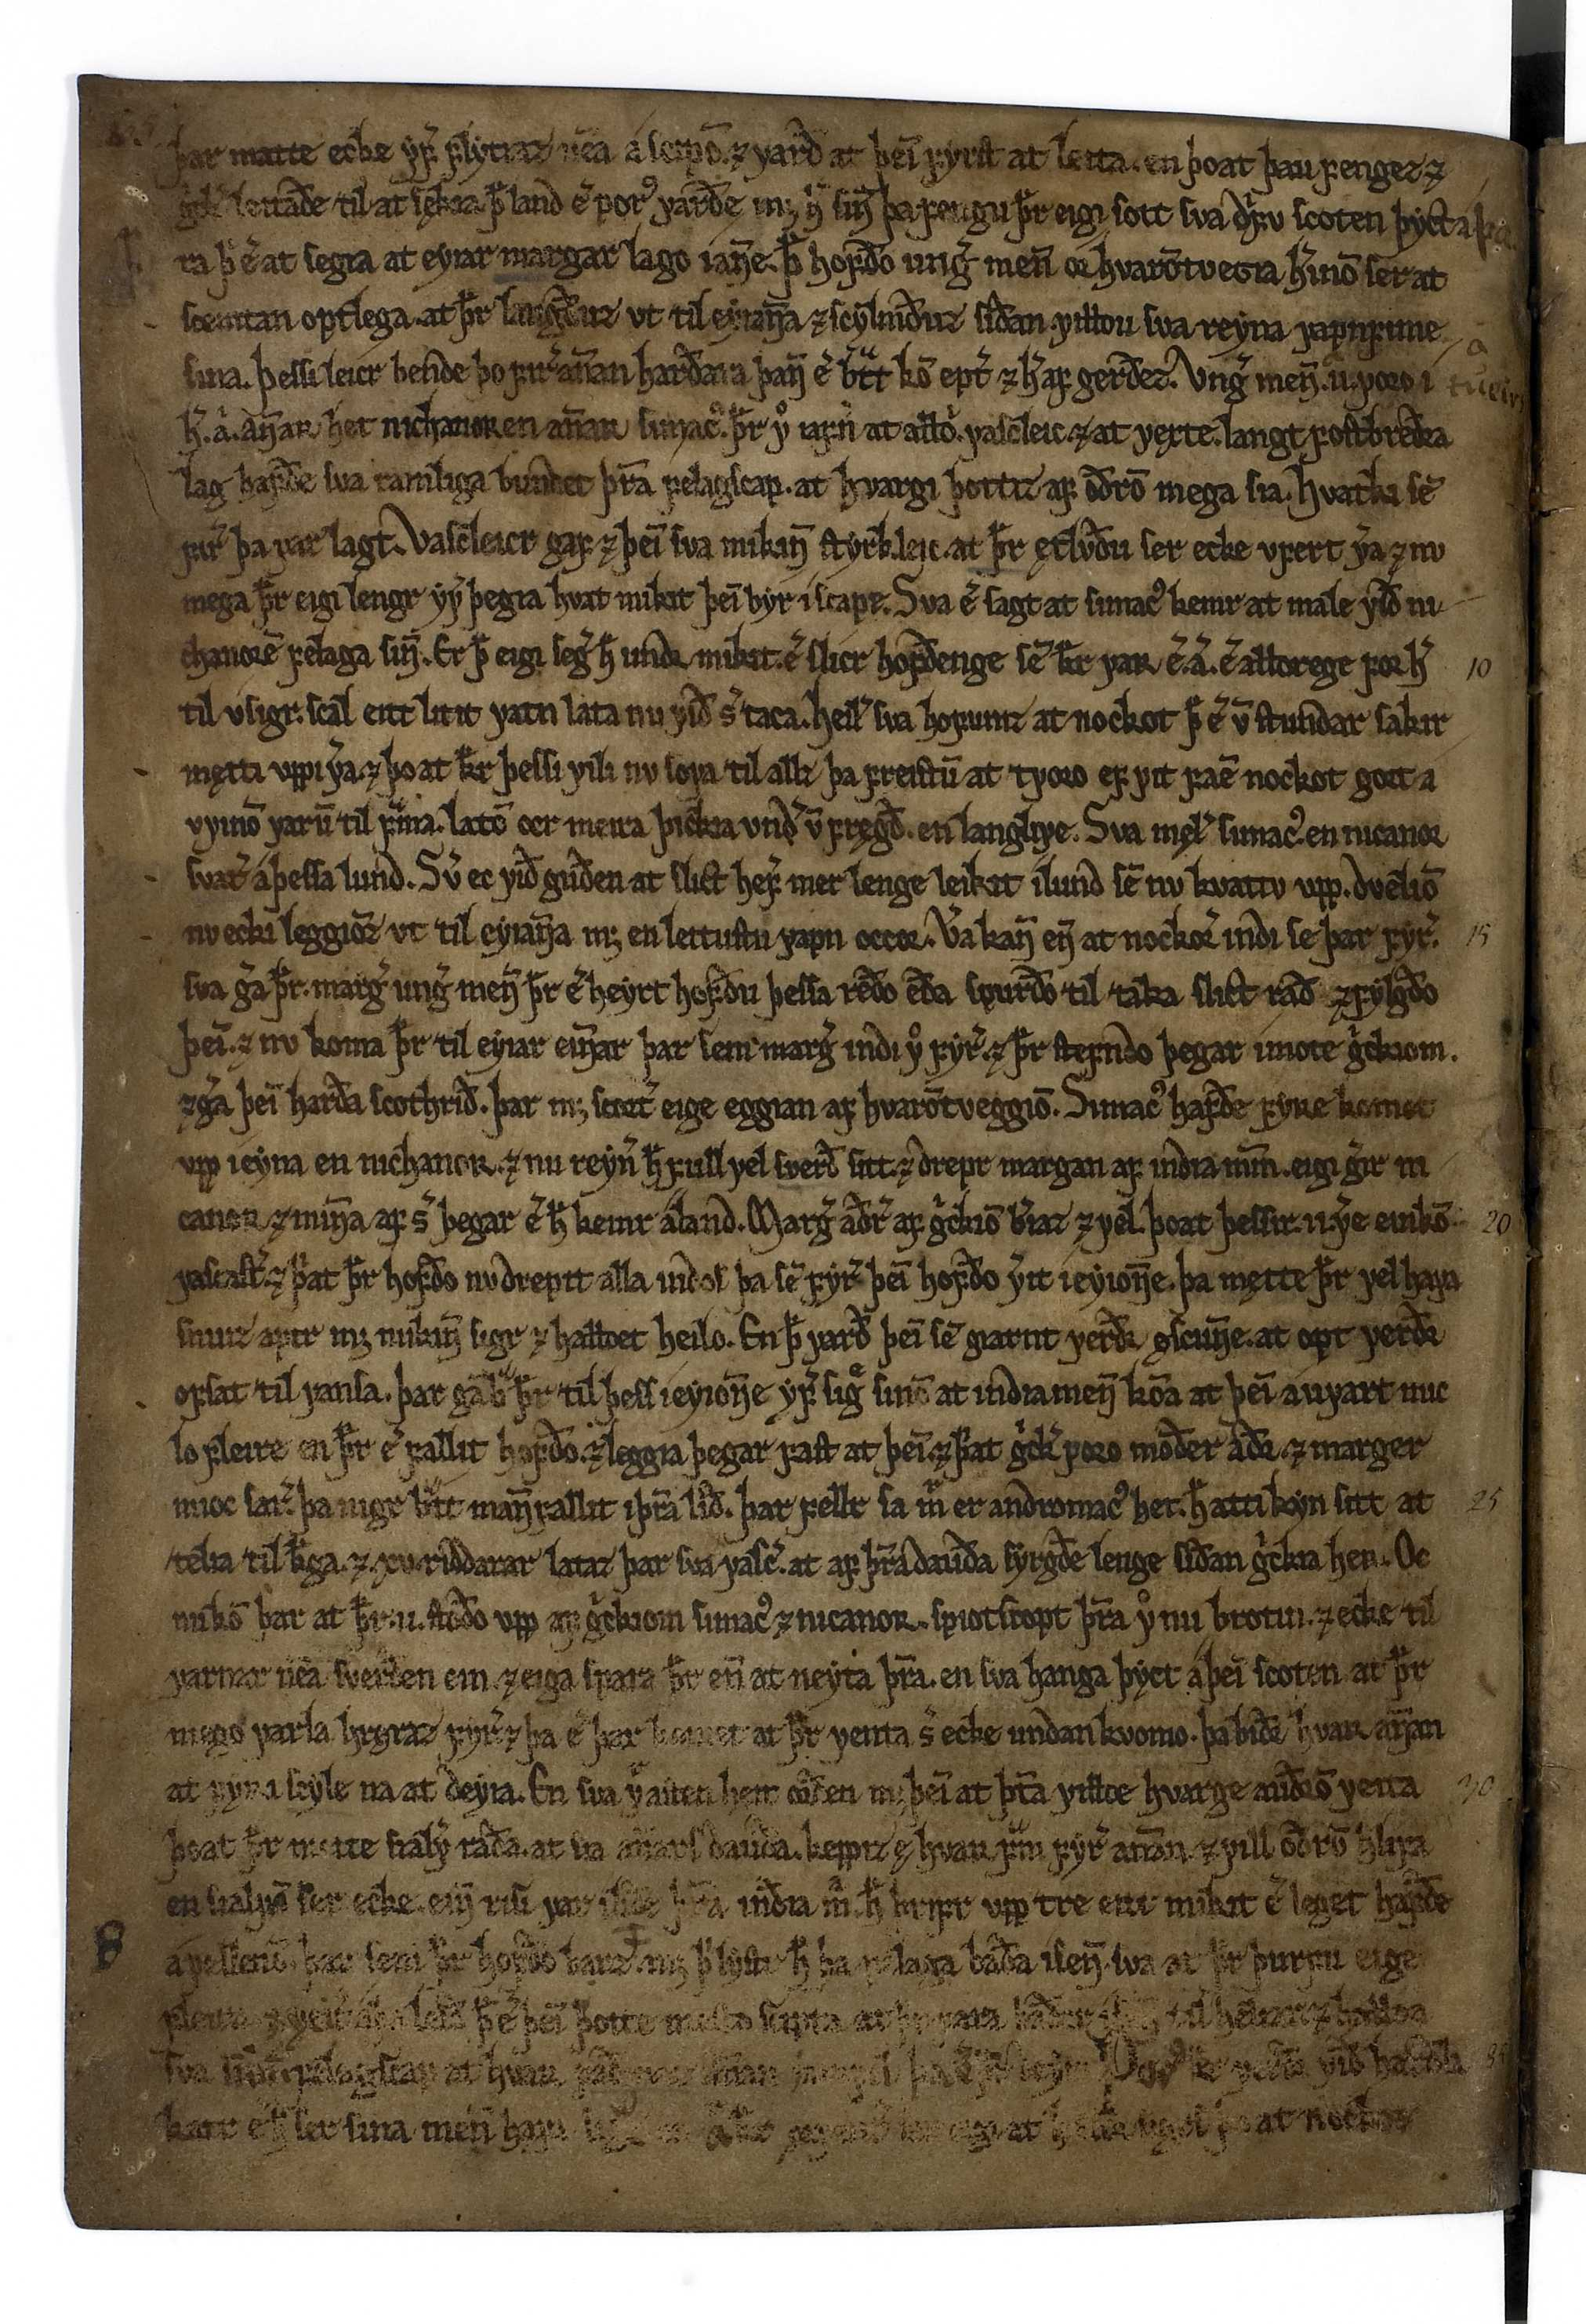 AM 519 a 4° - 31v